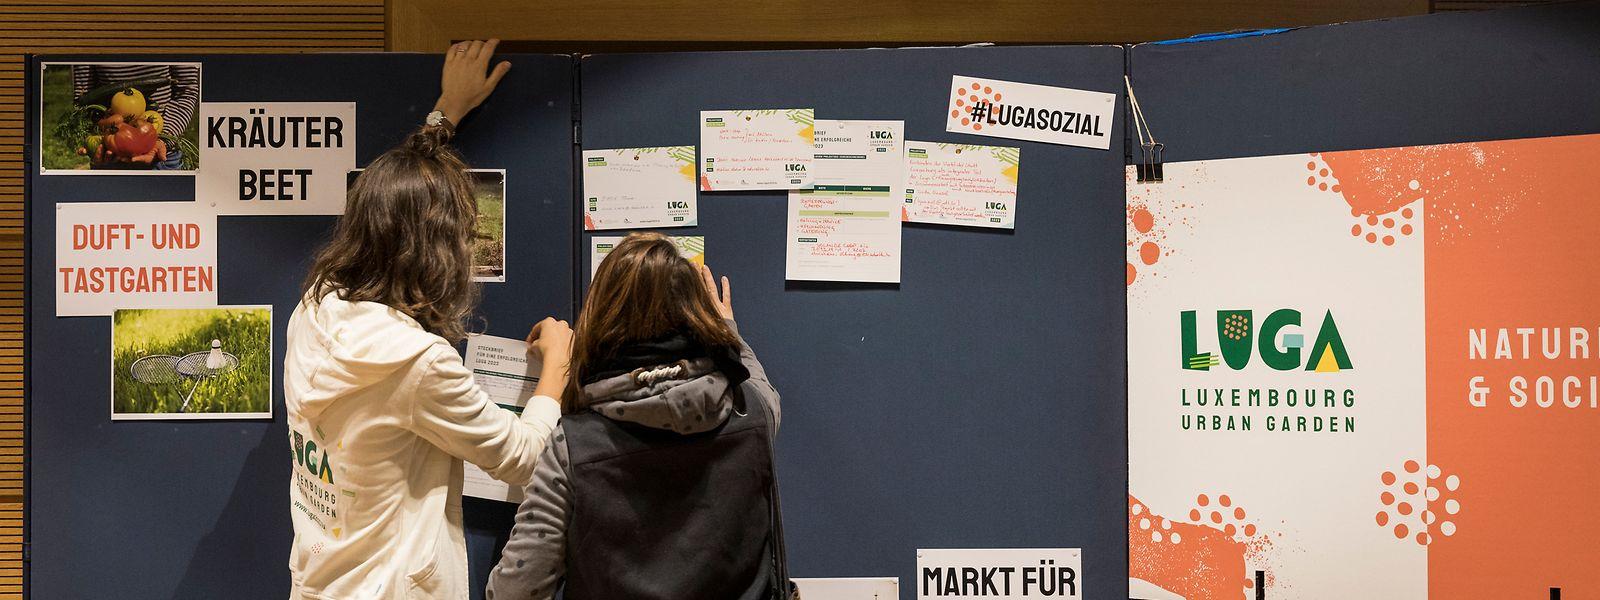 Über 100 Bürger beteiligten sich am Workshop und trugen Ideen zusammen.